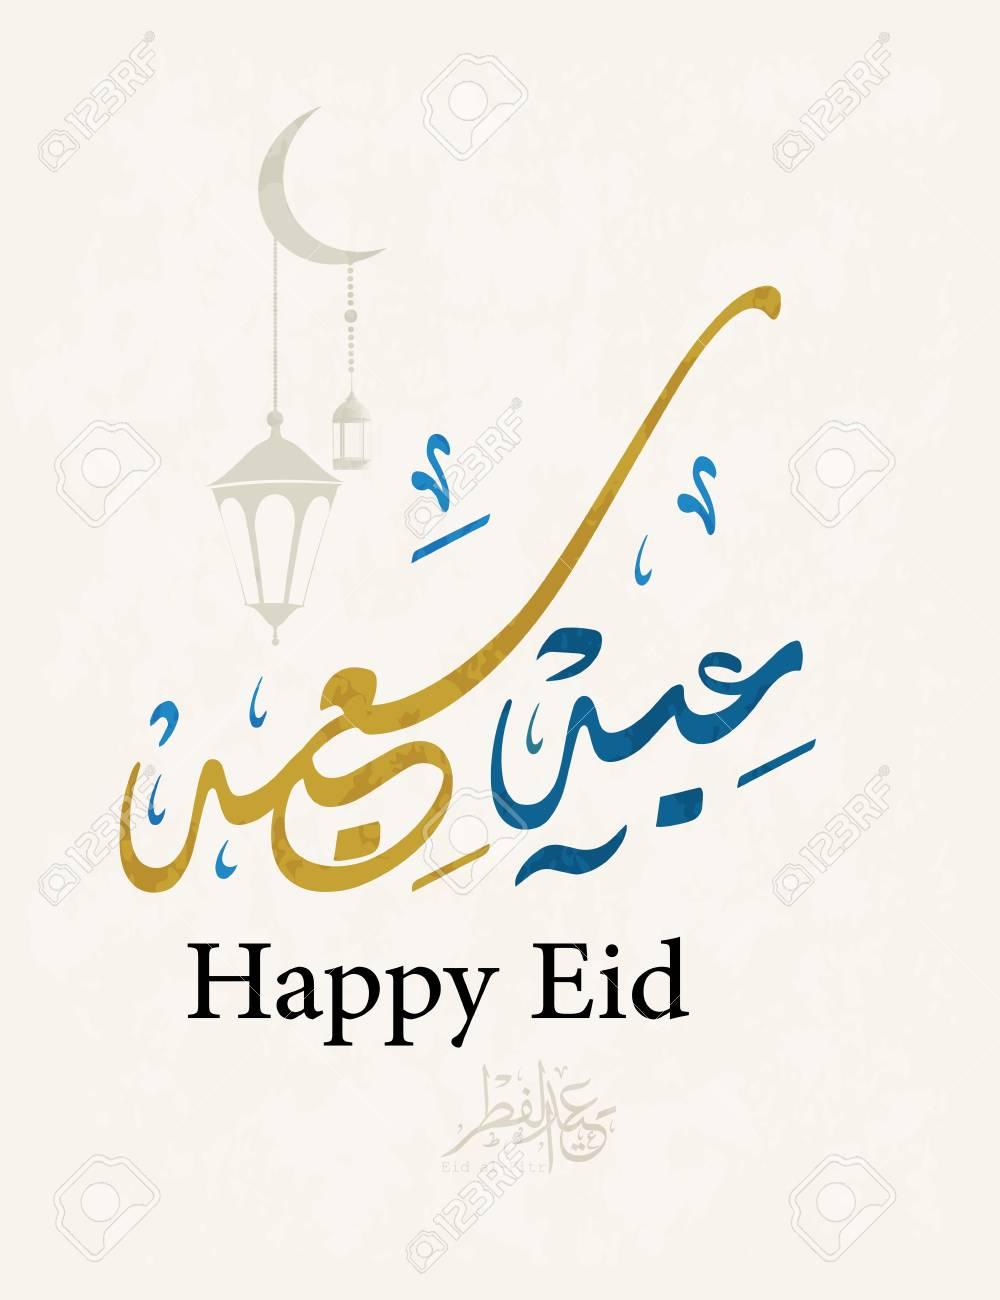 Greeting Card Of Eid Al Fitr And Eid Al Adha Mubarak With Arabic